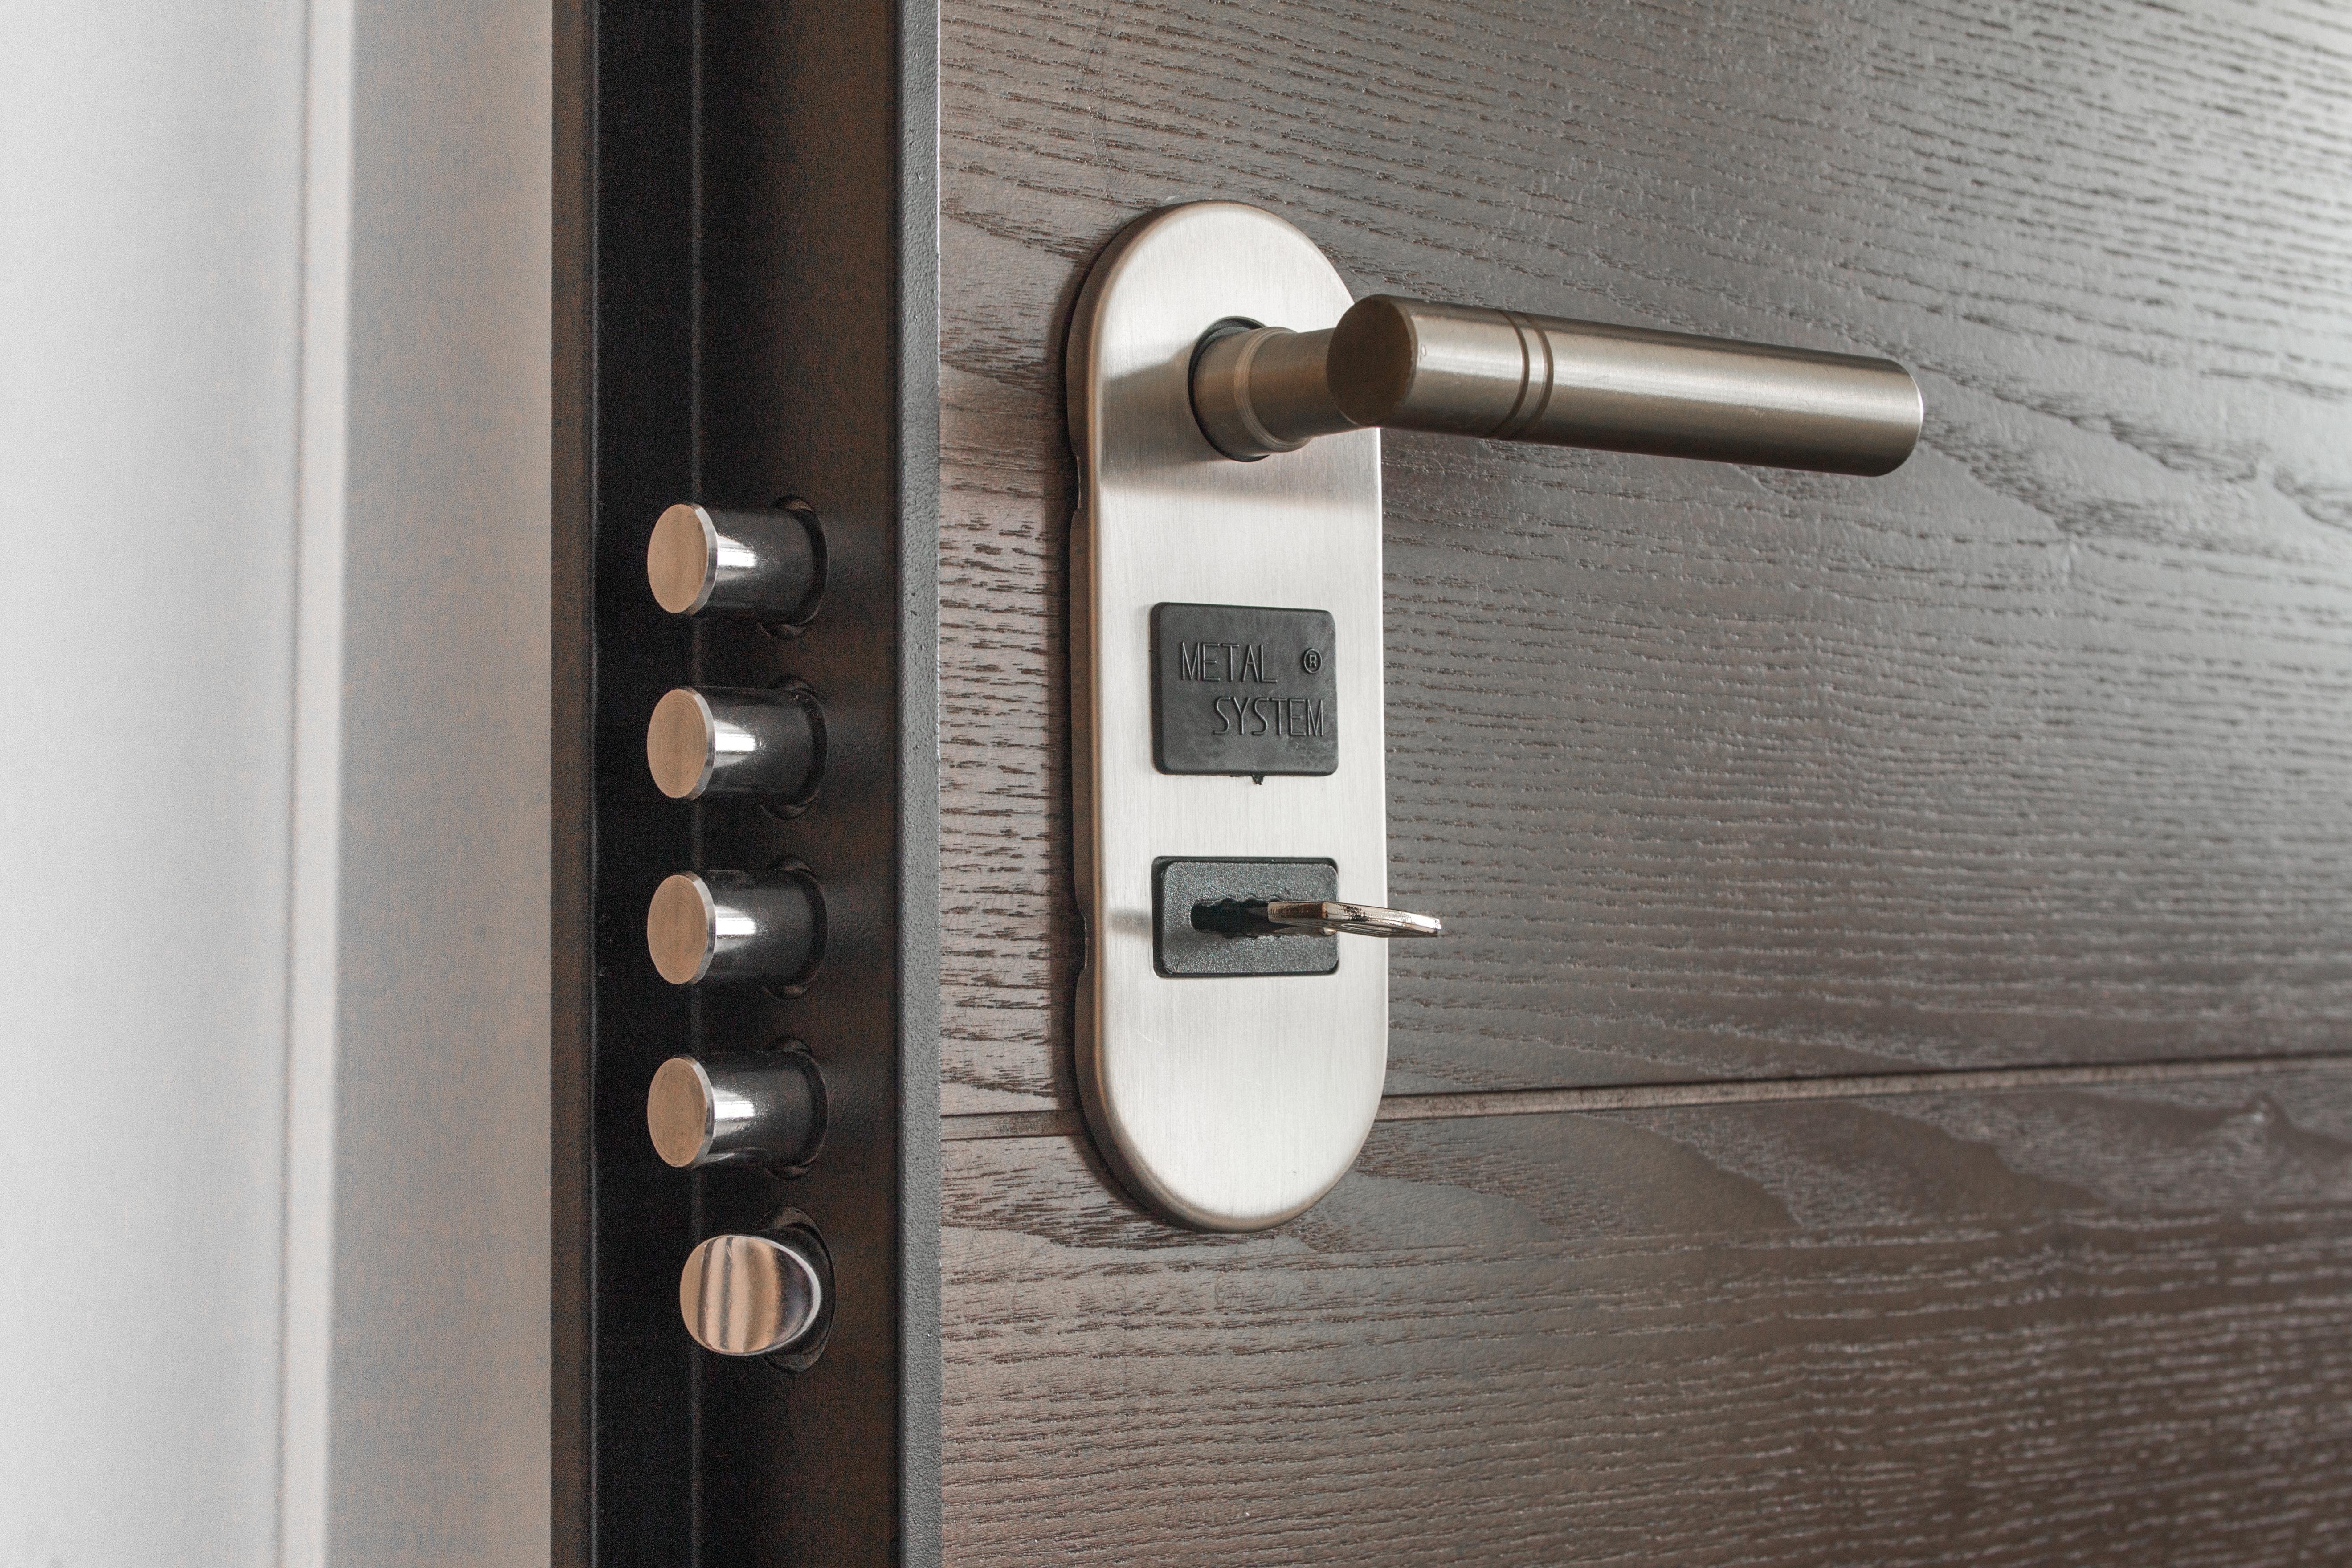 Door handle key 279810  1